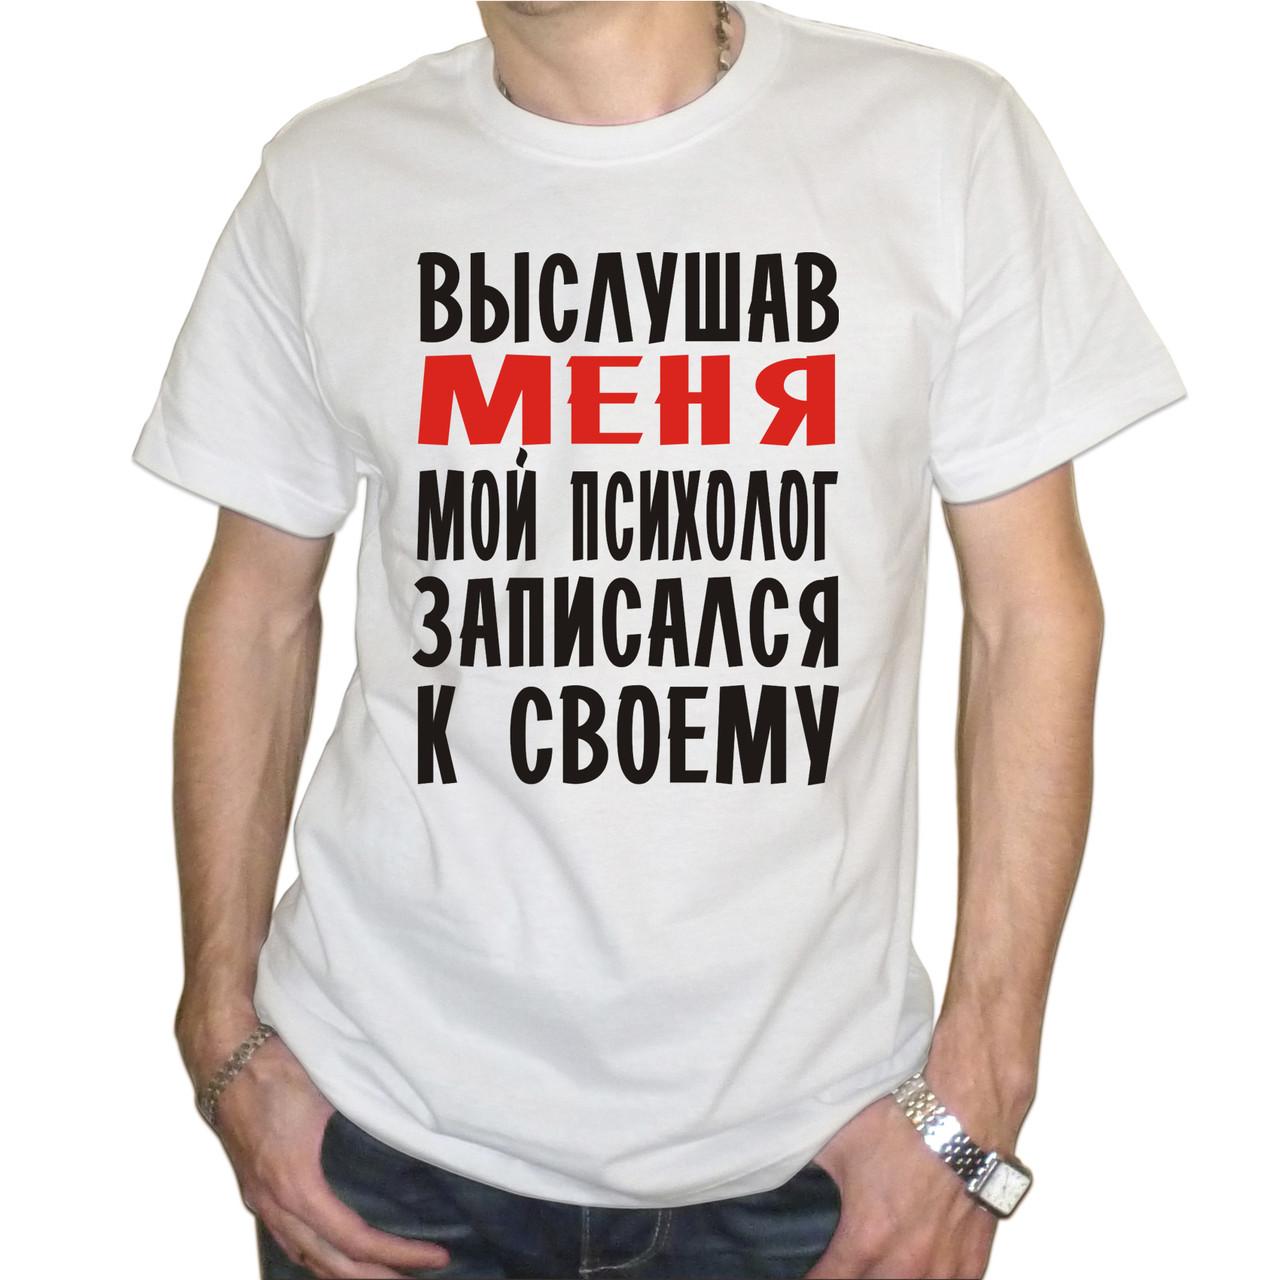 """Мужская футболка """"Выслушав меня, мой психолог, записался к своему"""""""